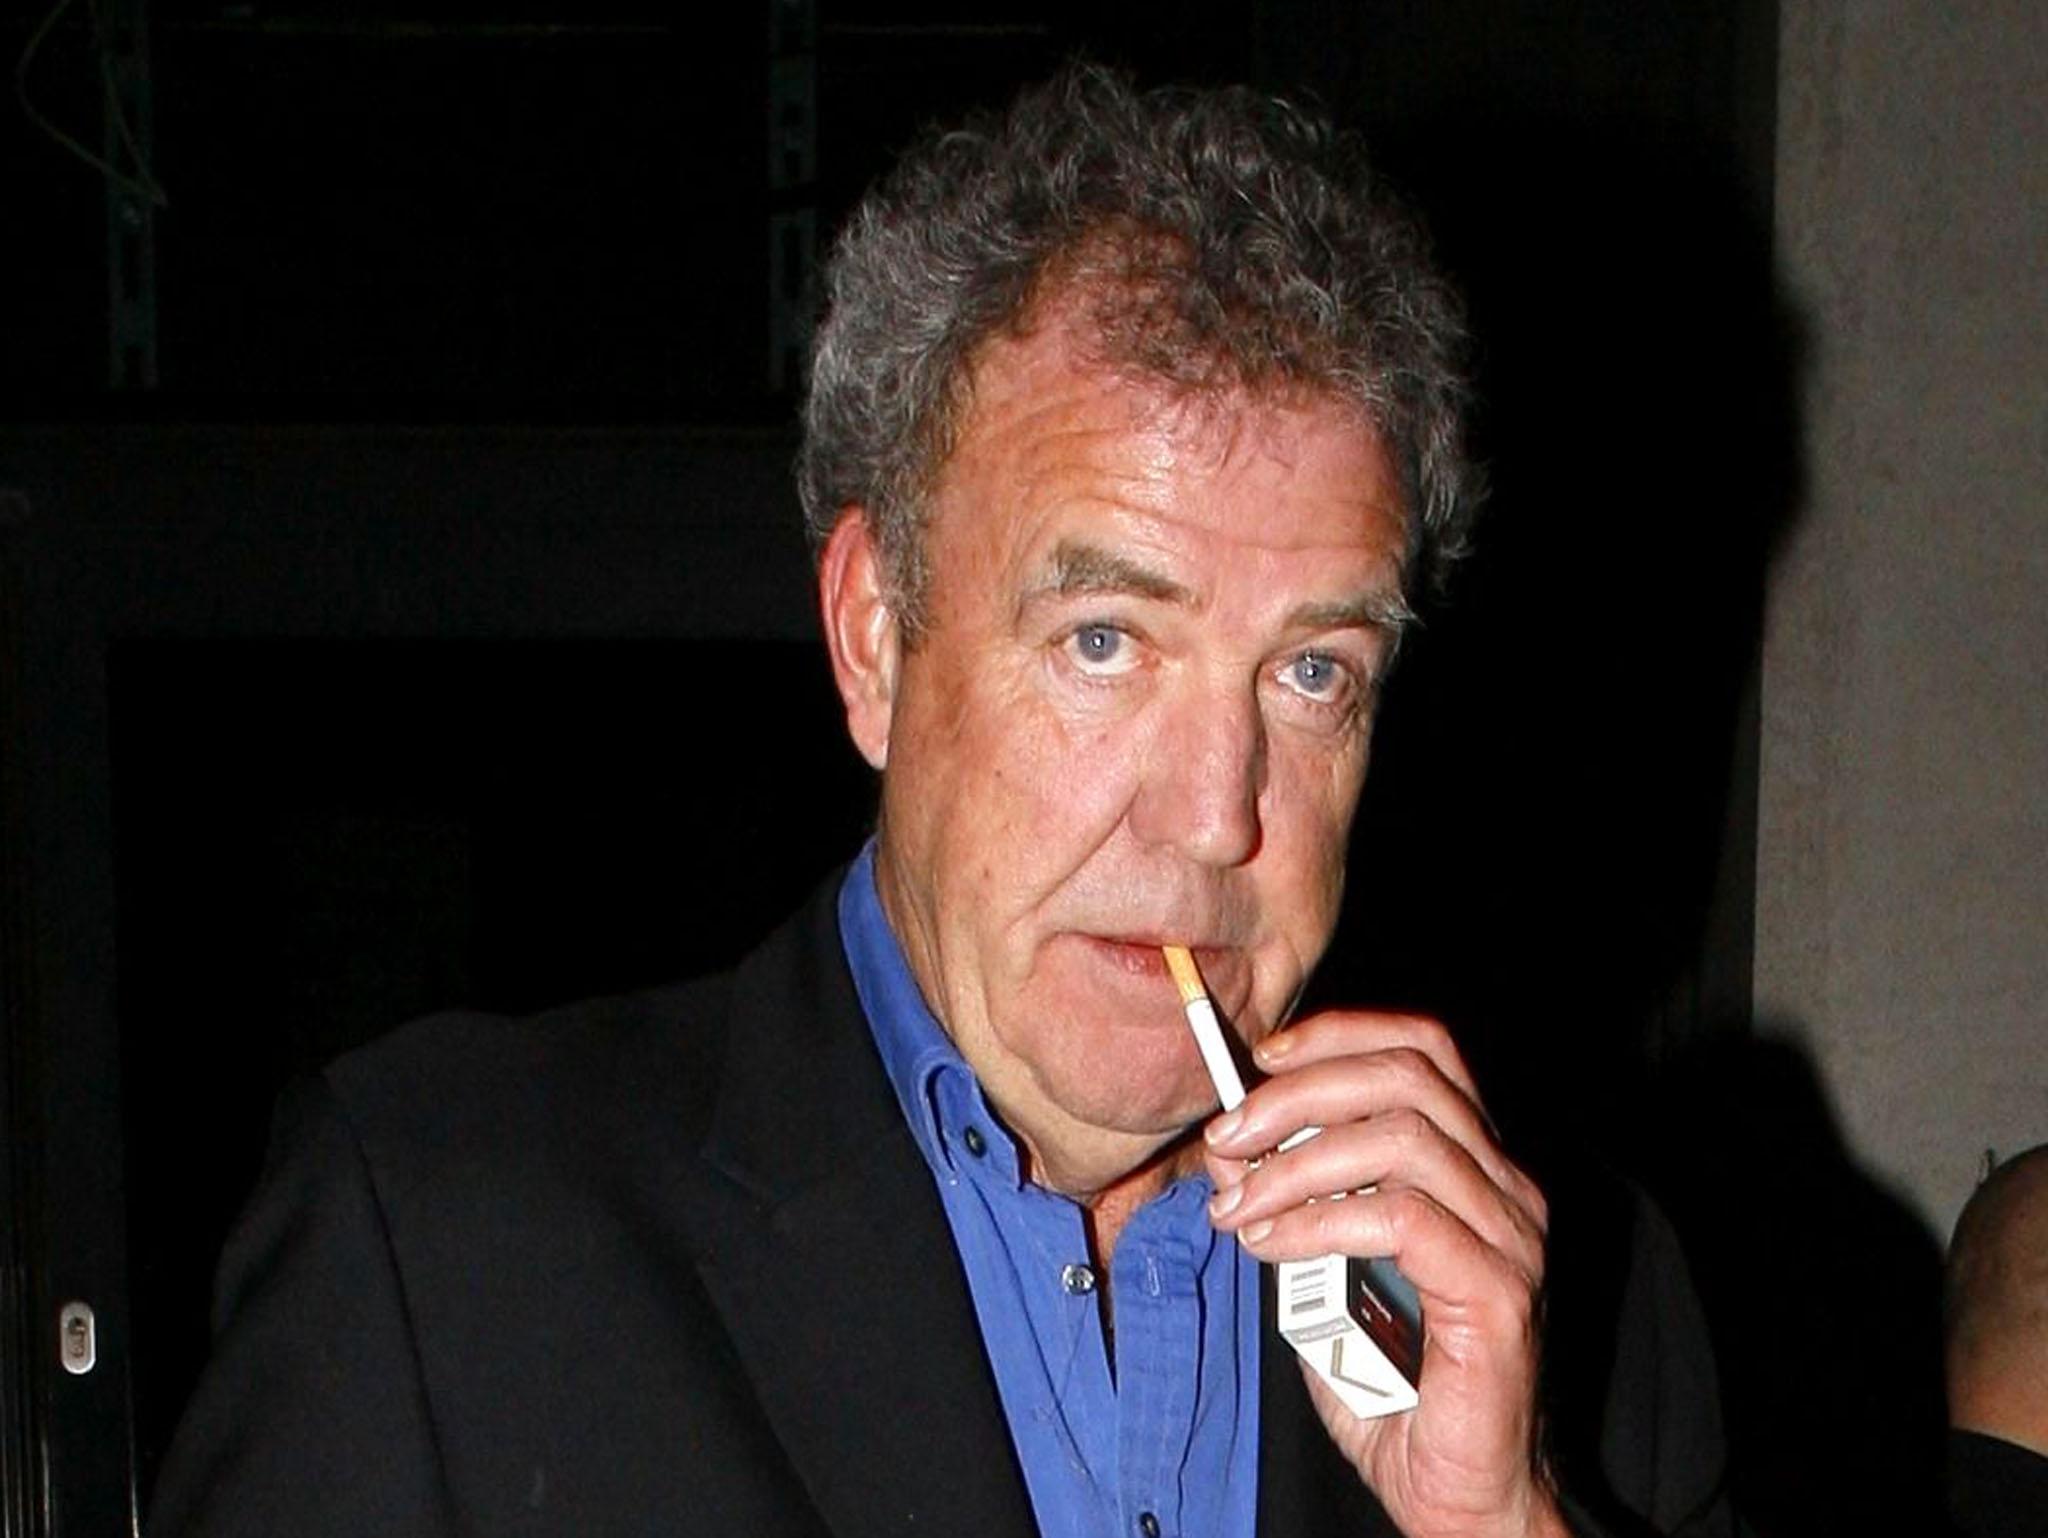 Jeremy Clarkson Hd Background